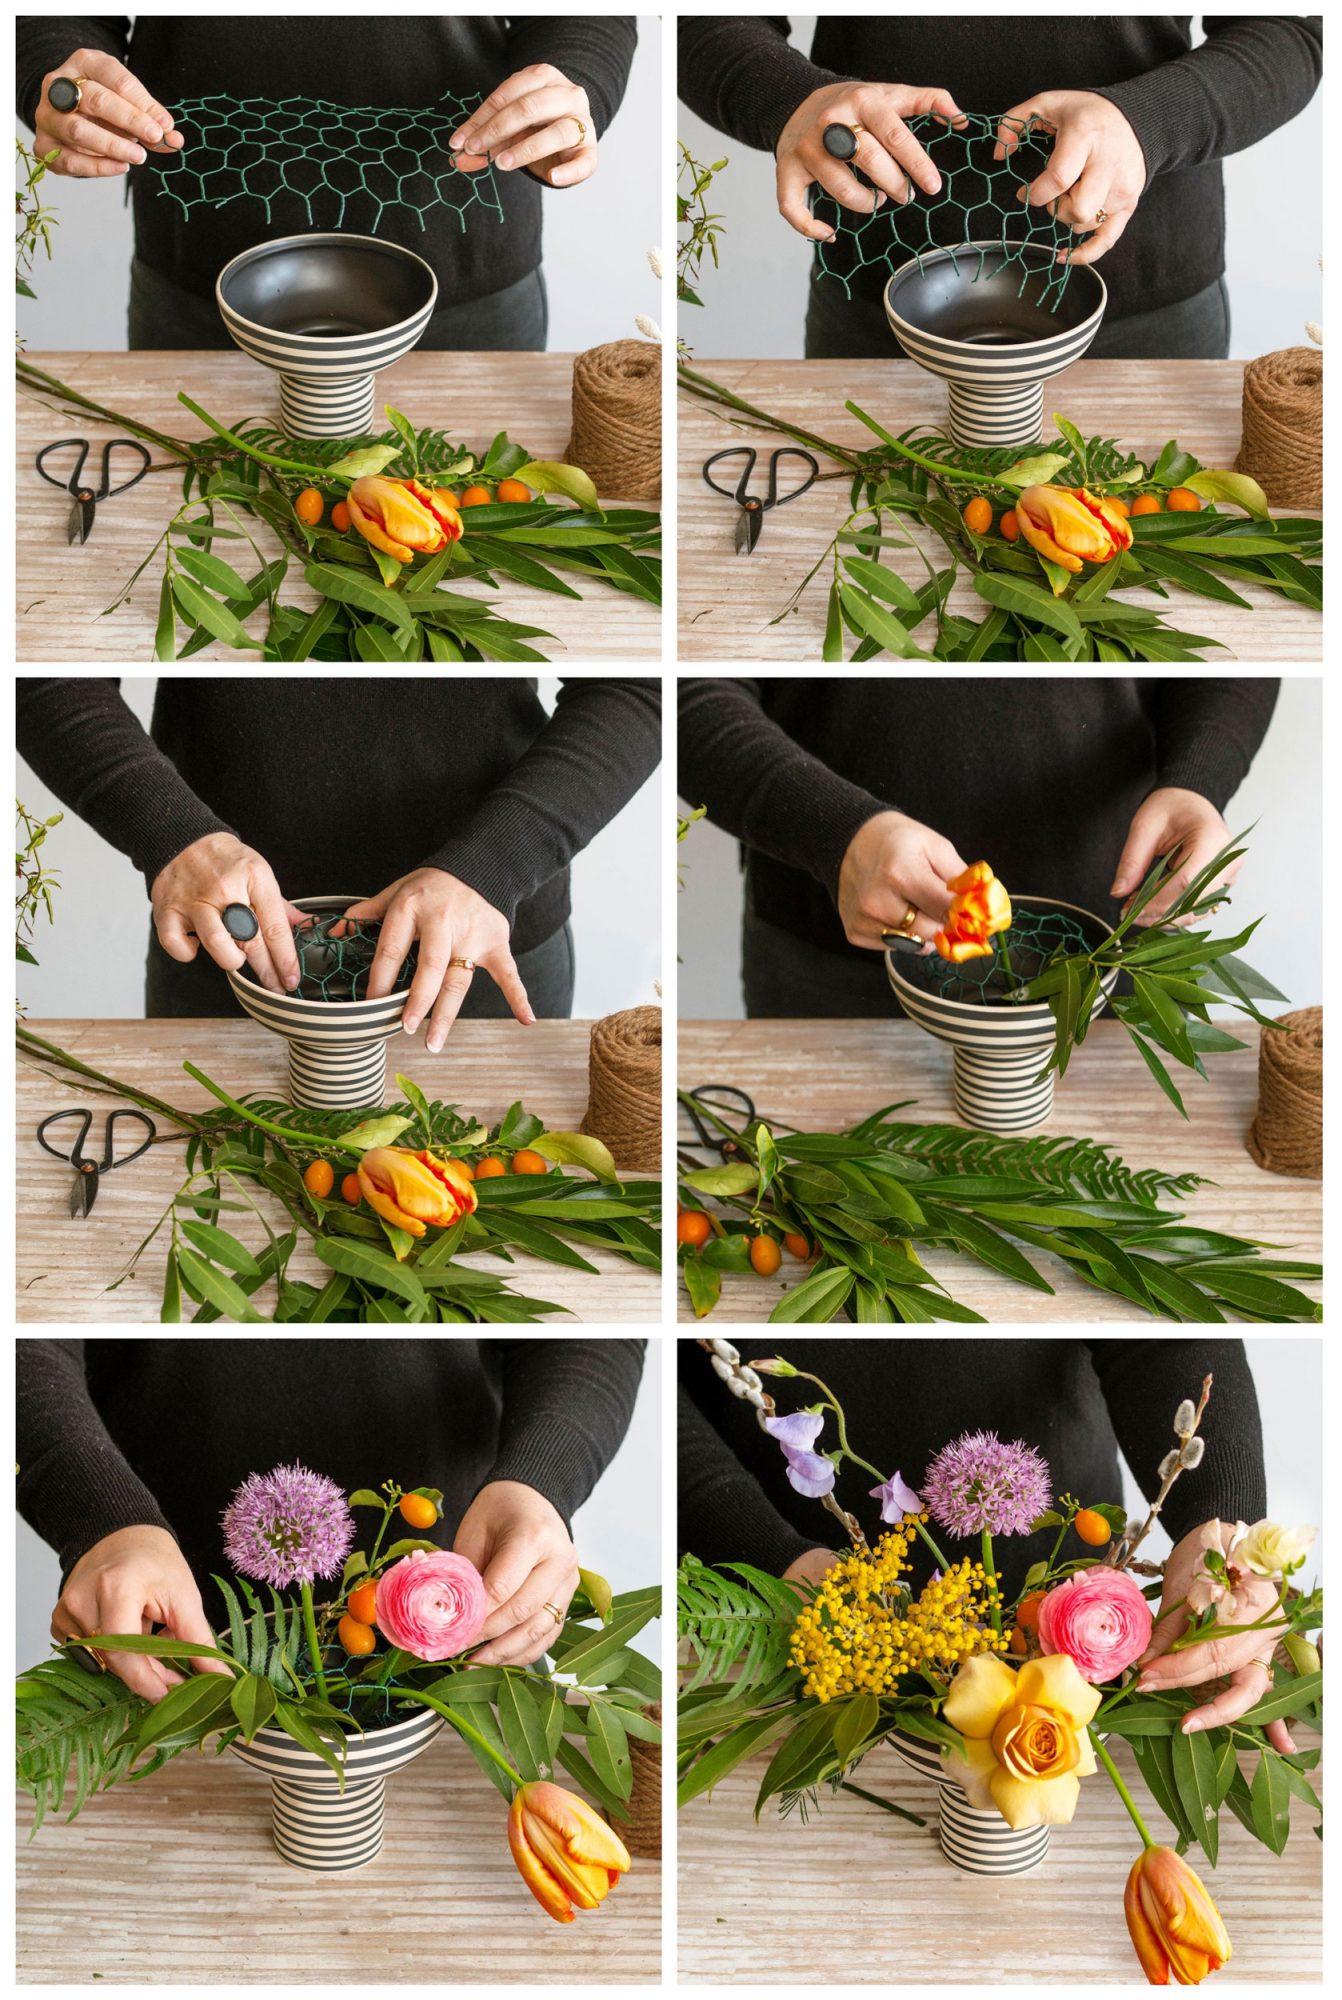 Wildflower arranging